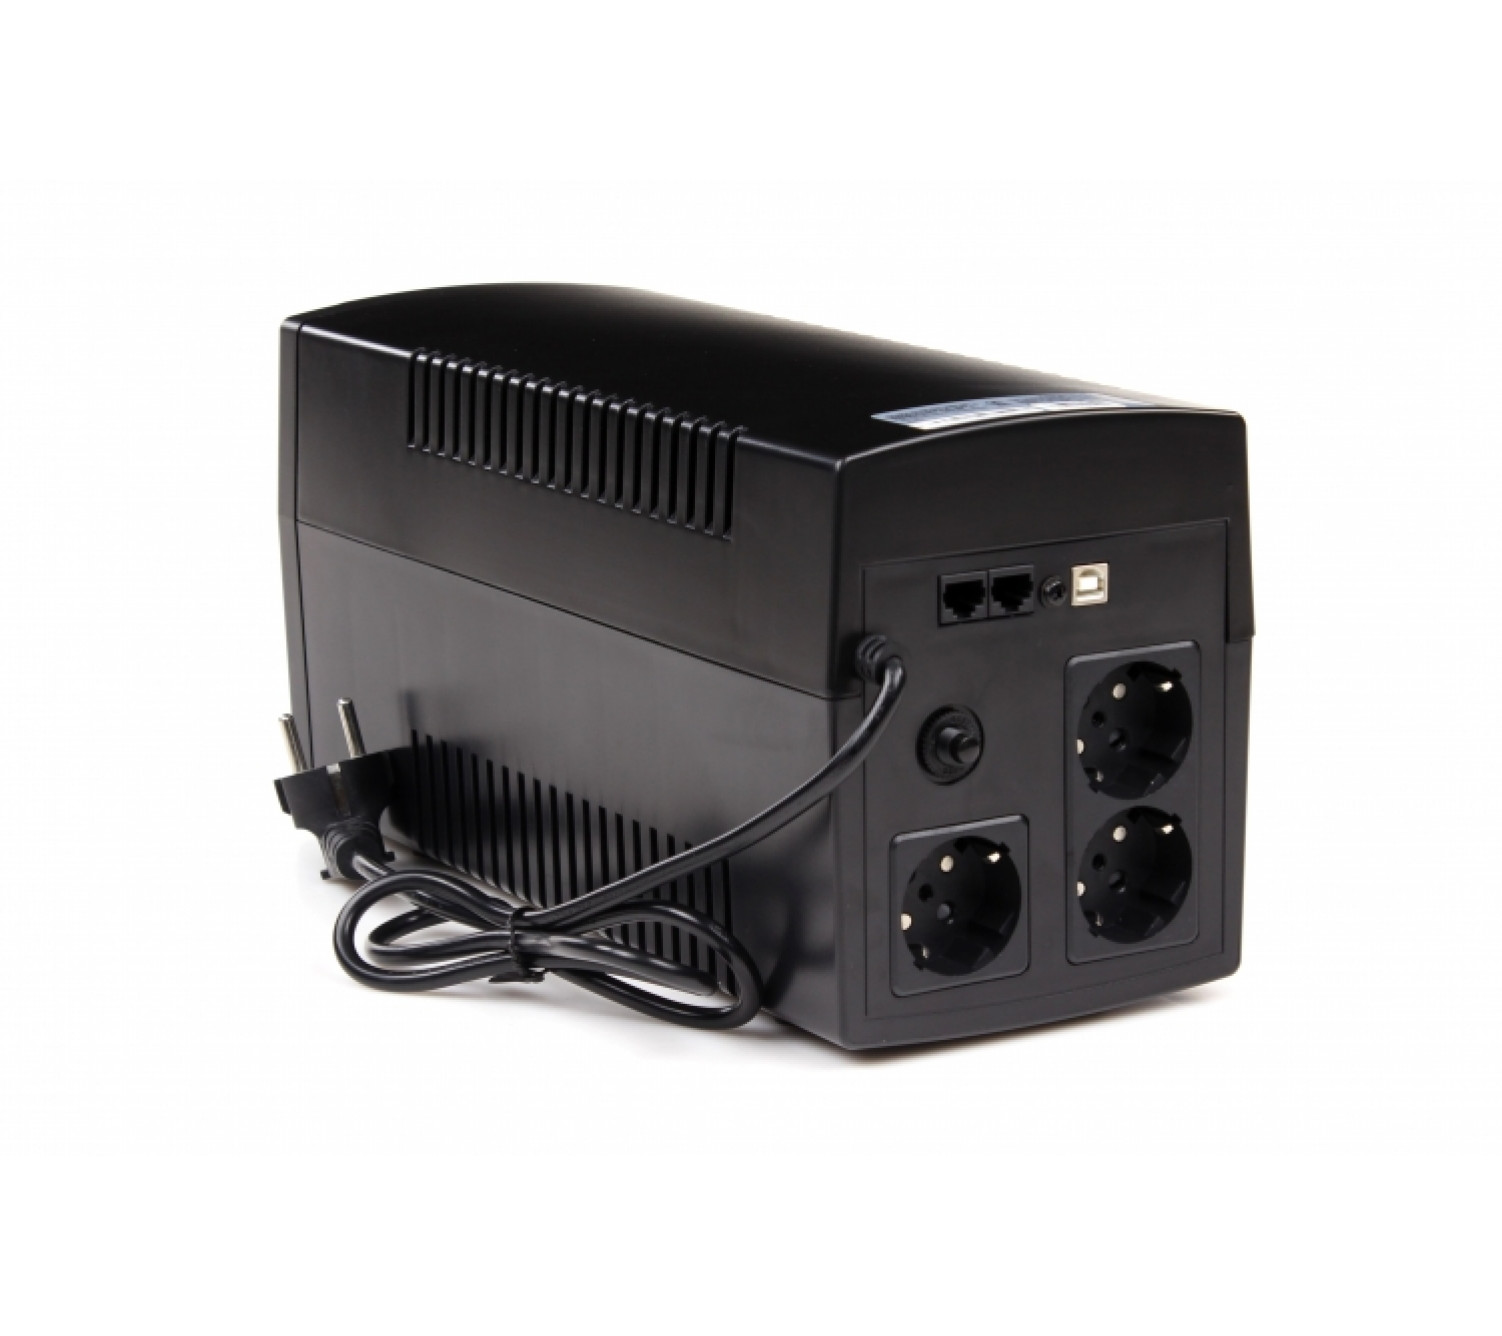 ИБП Frime Standart 1200VA USB